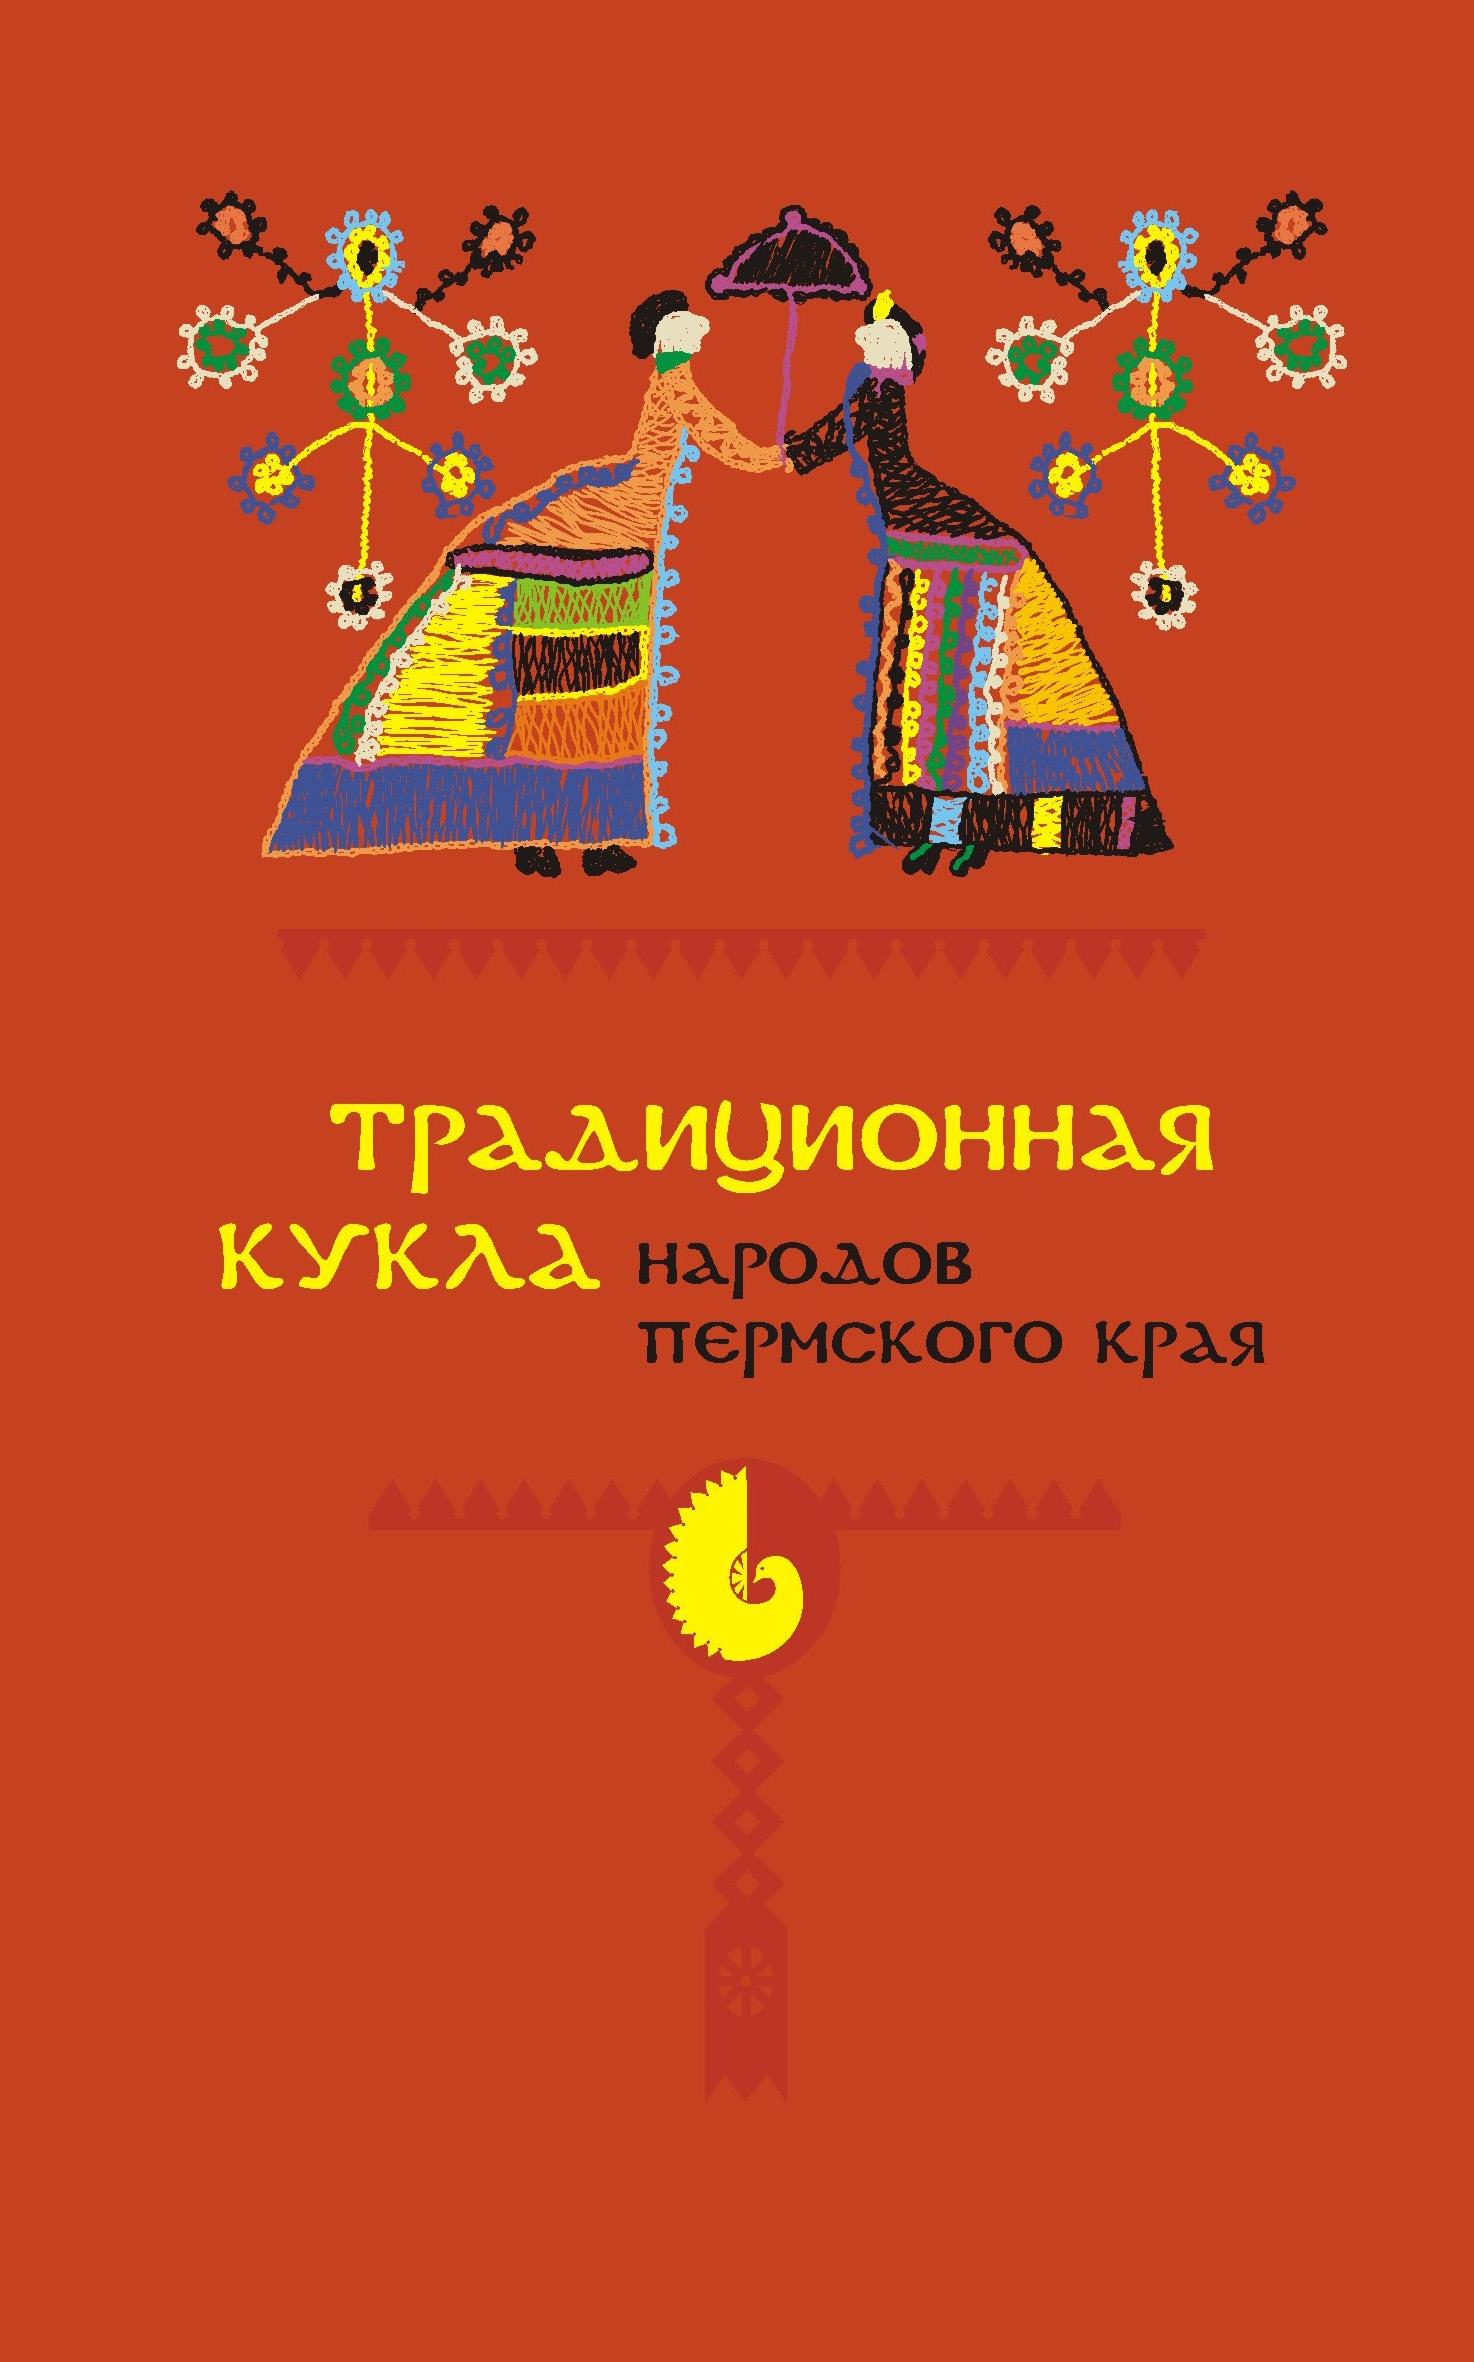 Традиционная кукла народов Пермского края